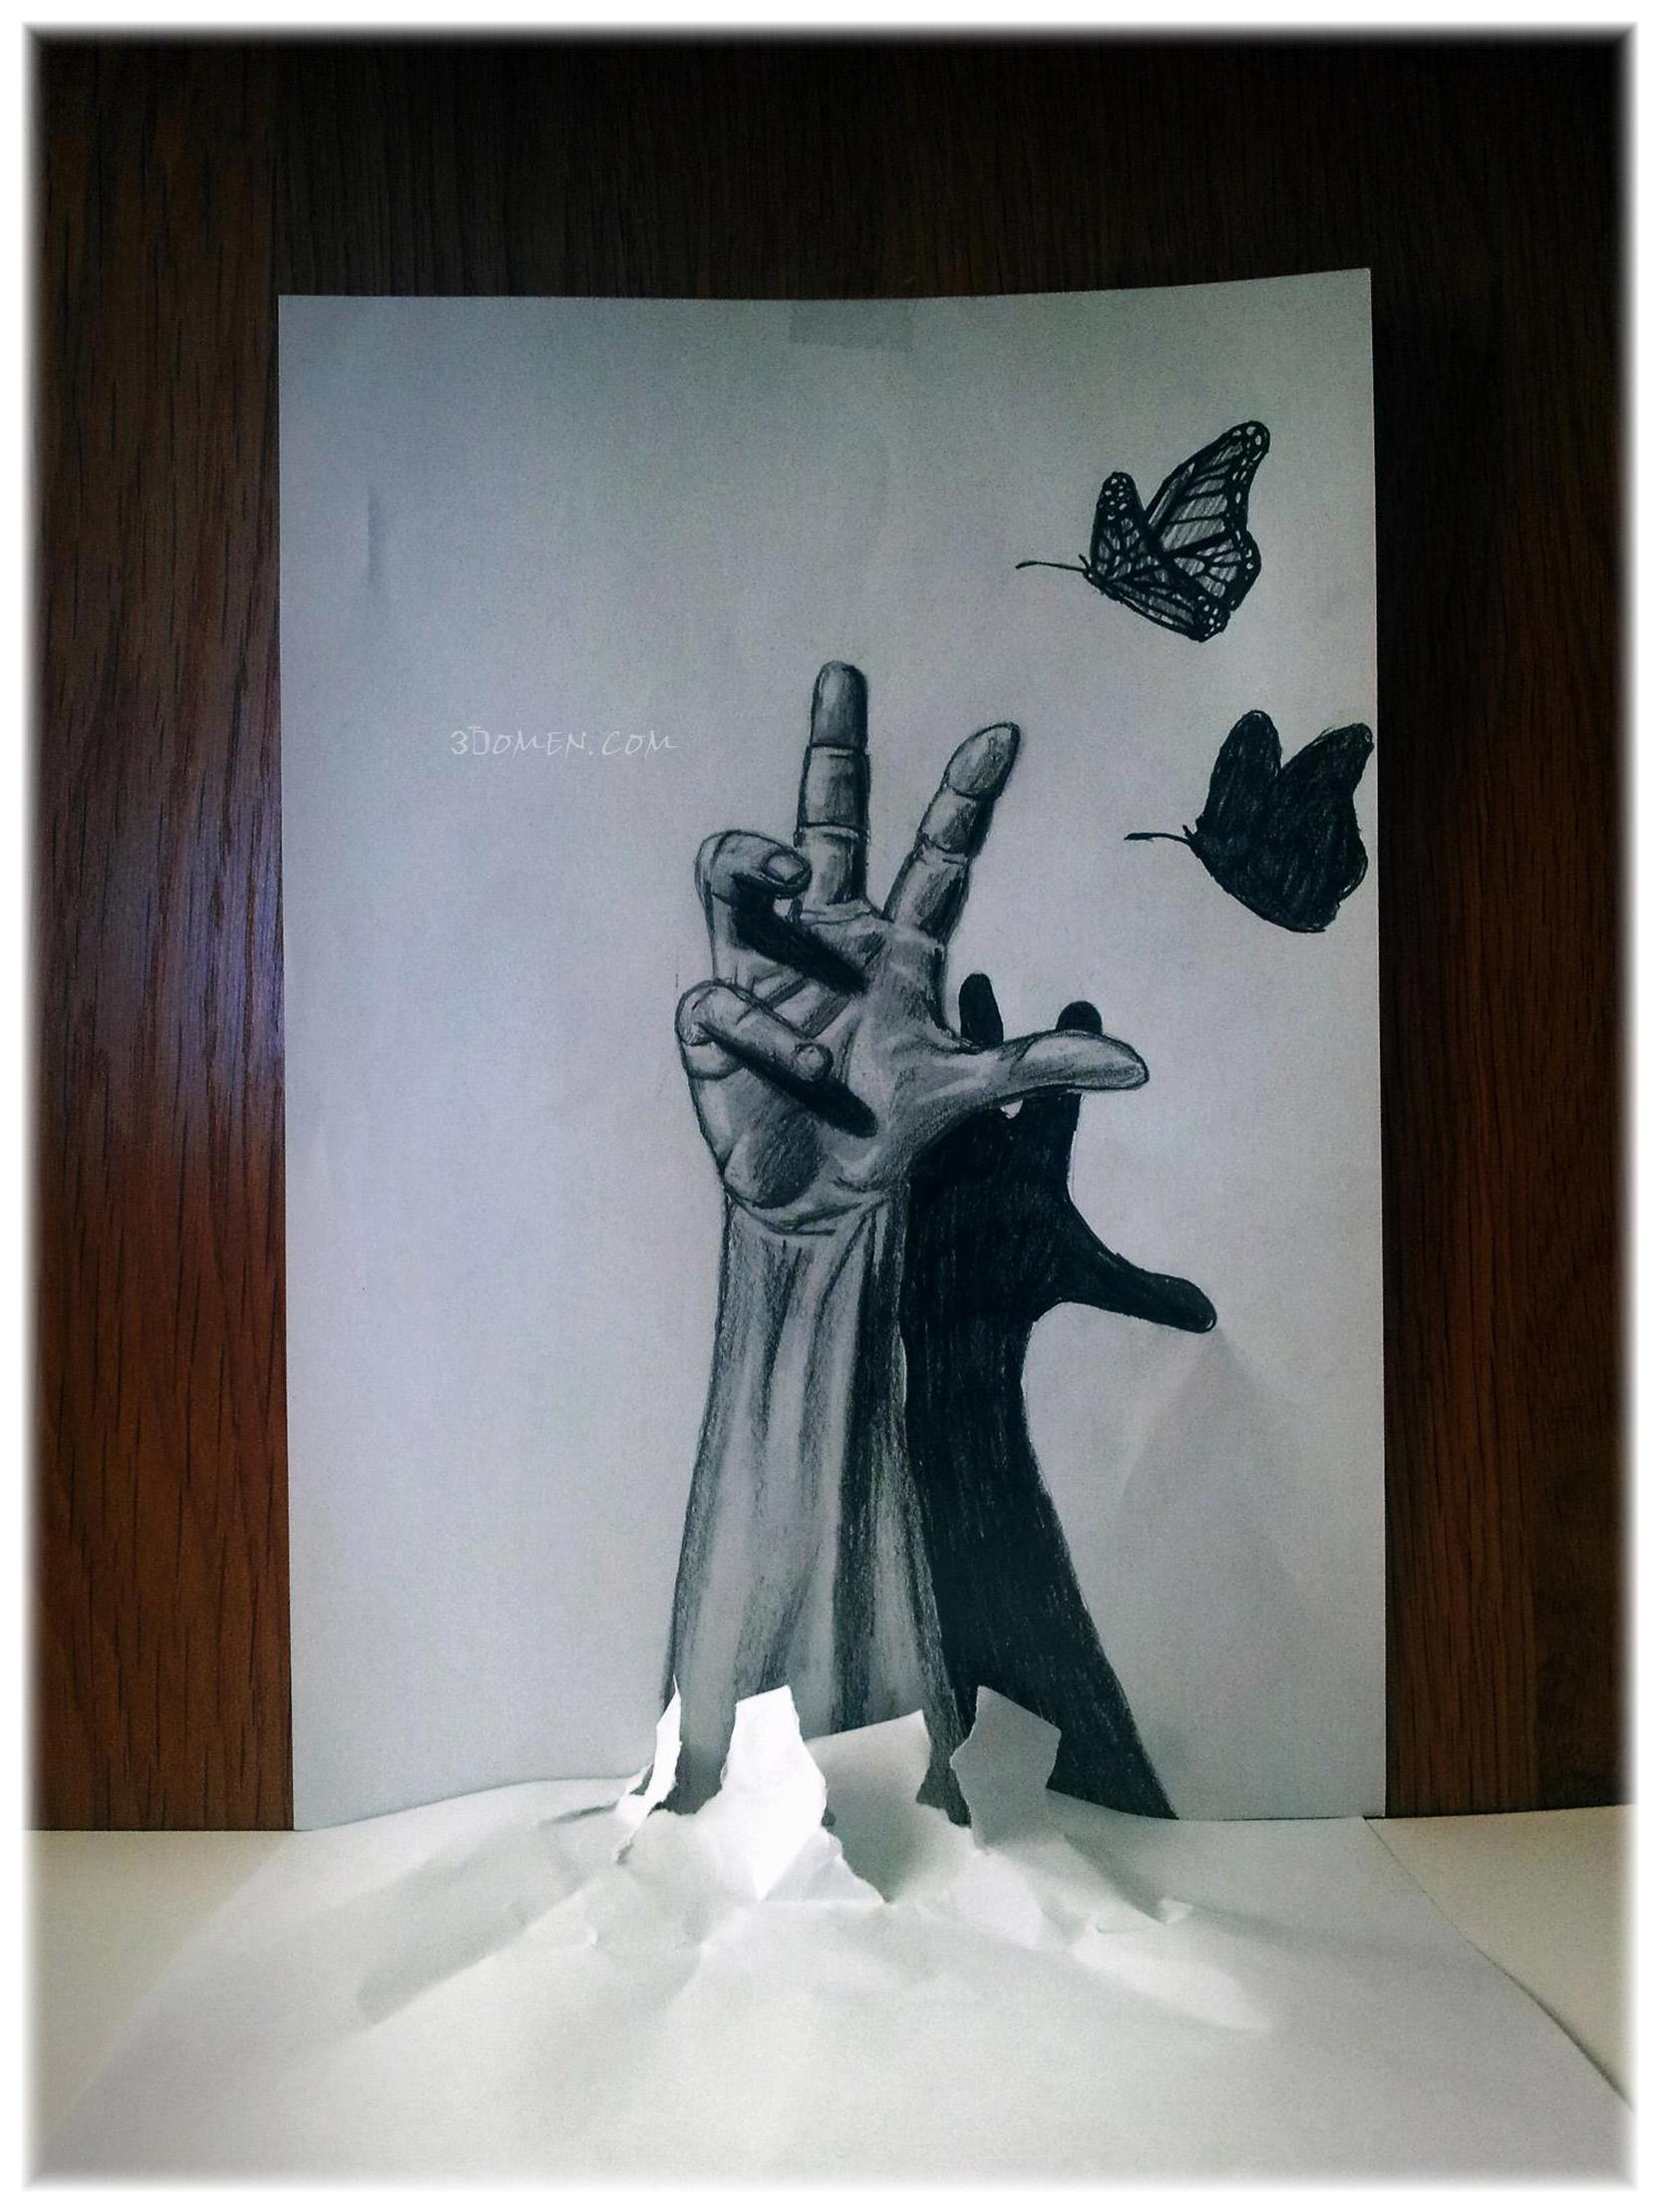 Impresionare dibujos con efecto 3d en simples hojas de papel